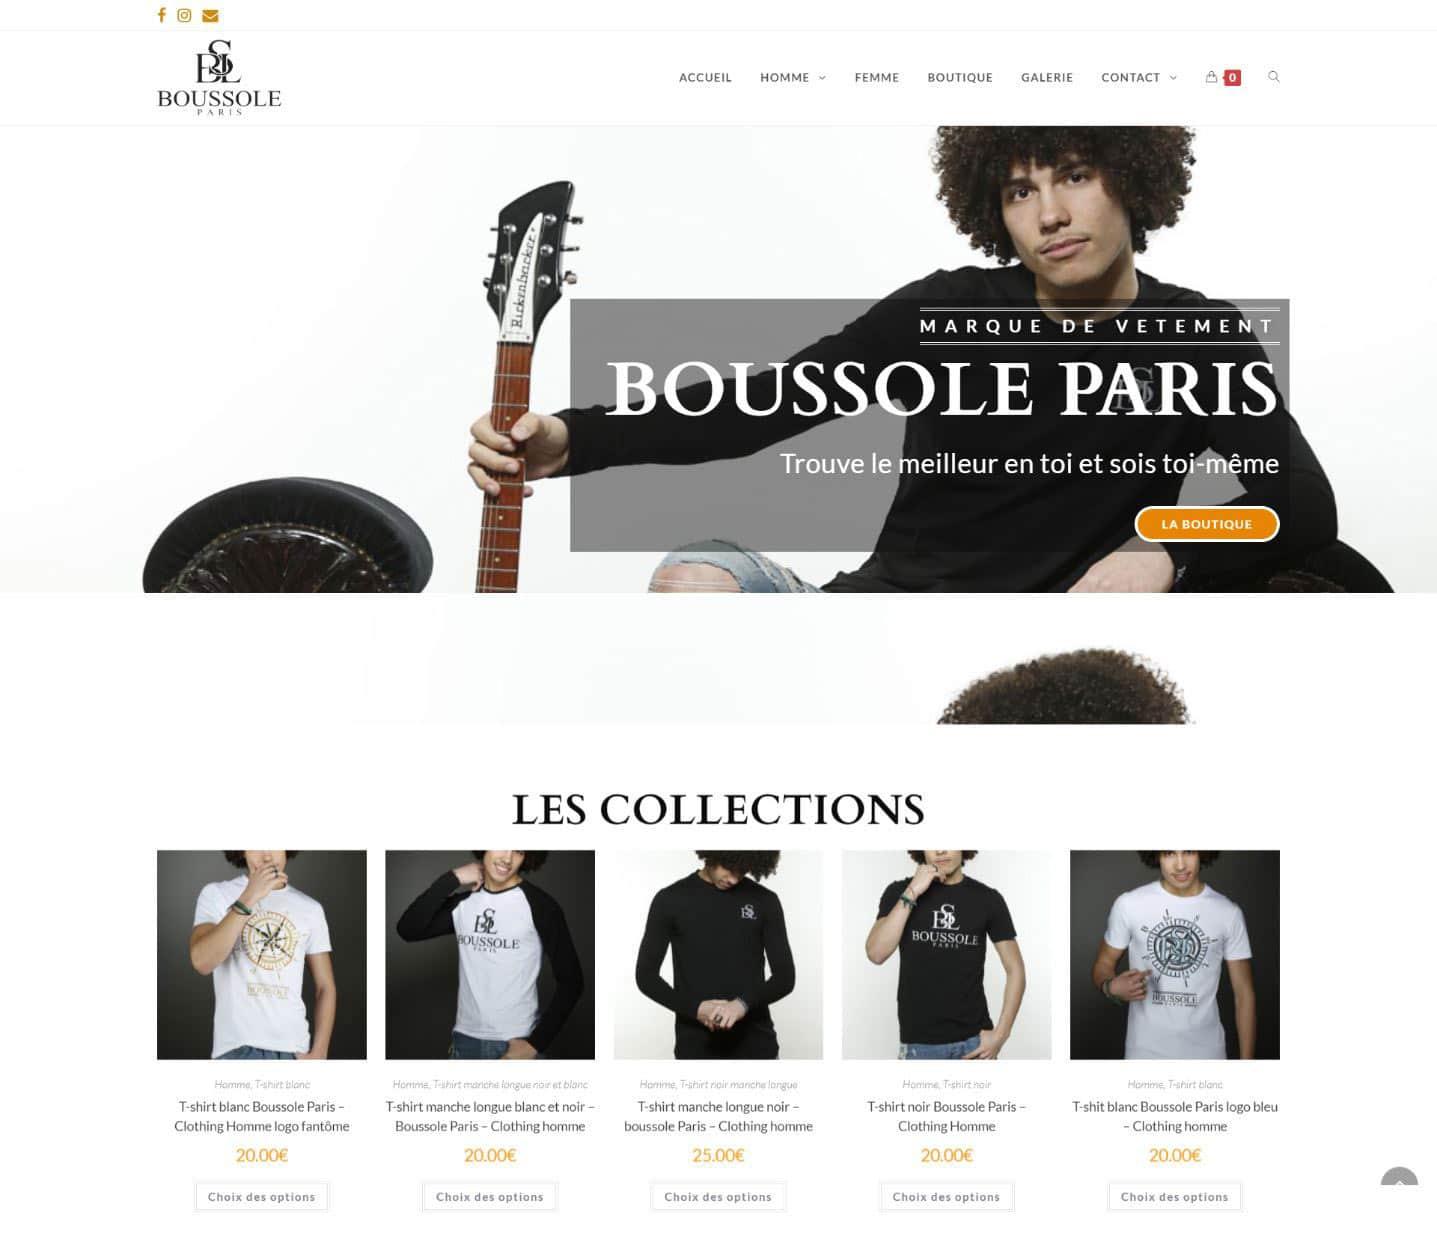 boussole-paris-début-by-lovinsky-graphiste-webdesigner-nantes-44